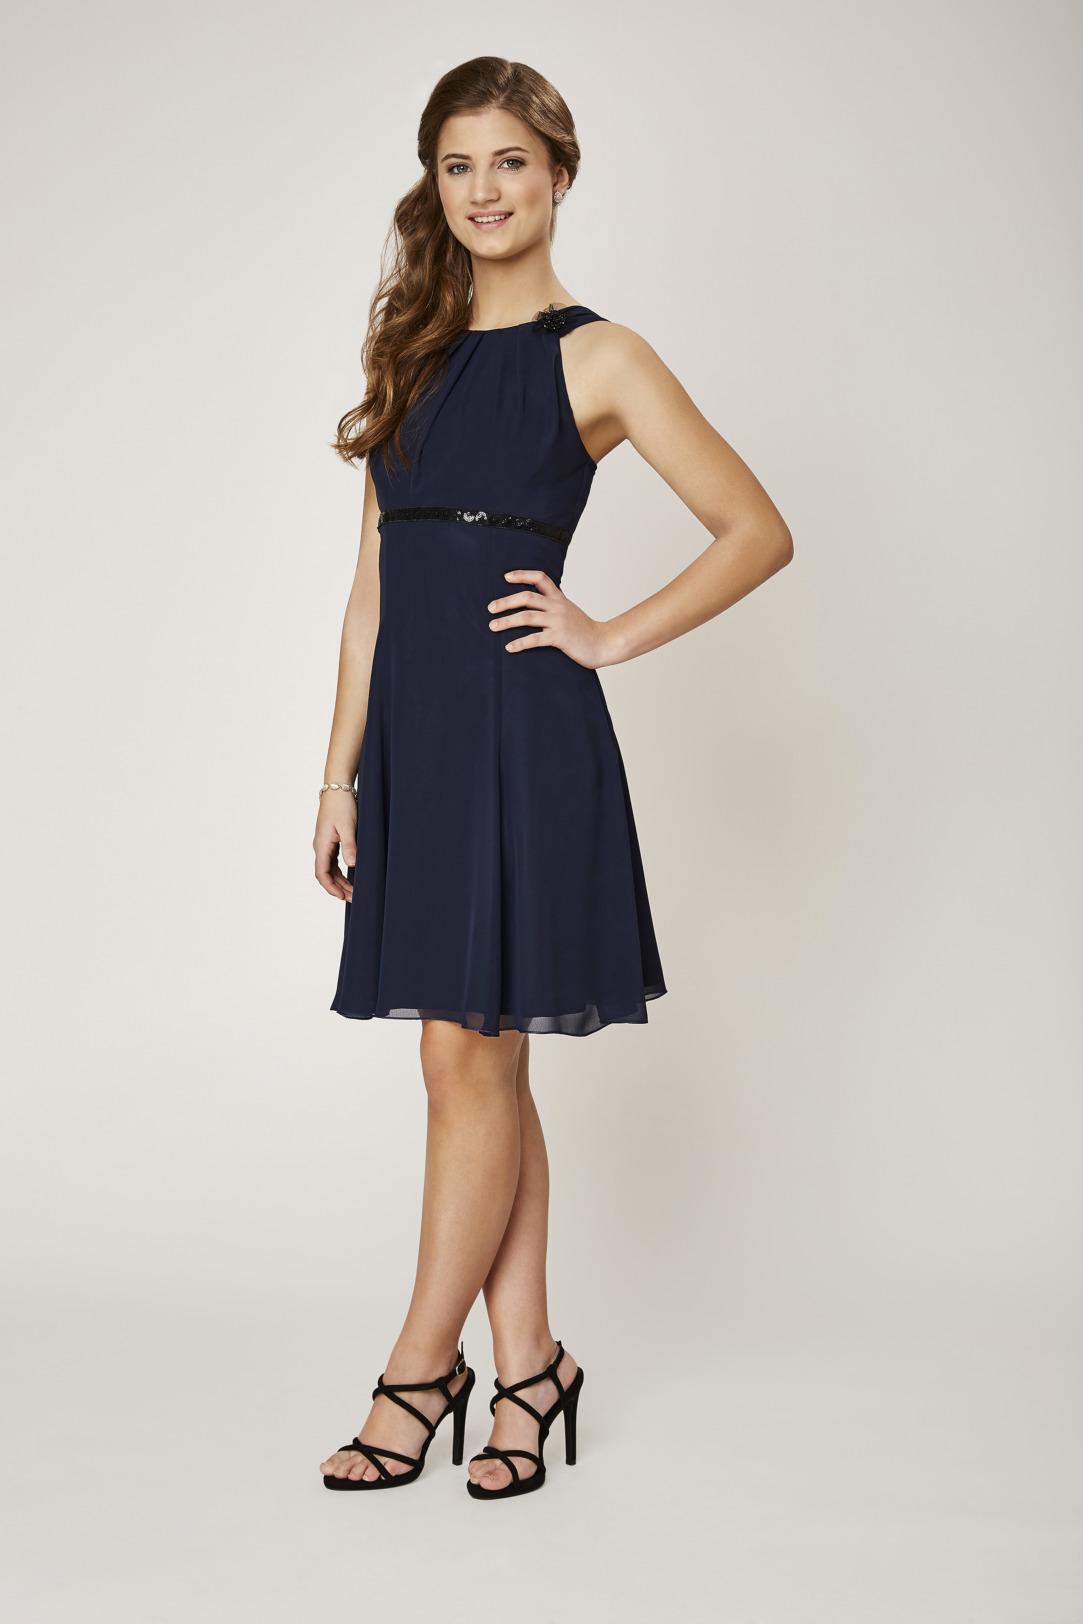 Konfirmation Abendkleider schön ausgefallen jung dunkelblau navy schlicht Chiffon kurzes Kleid